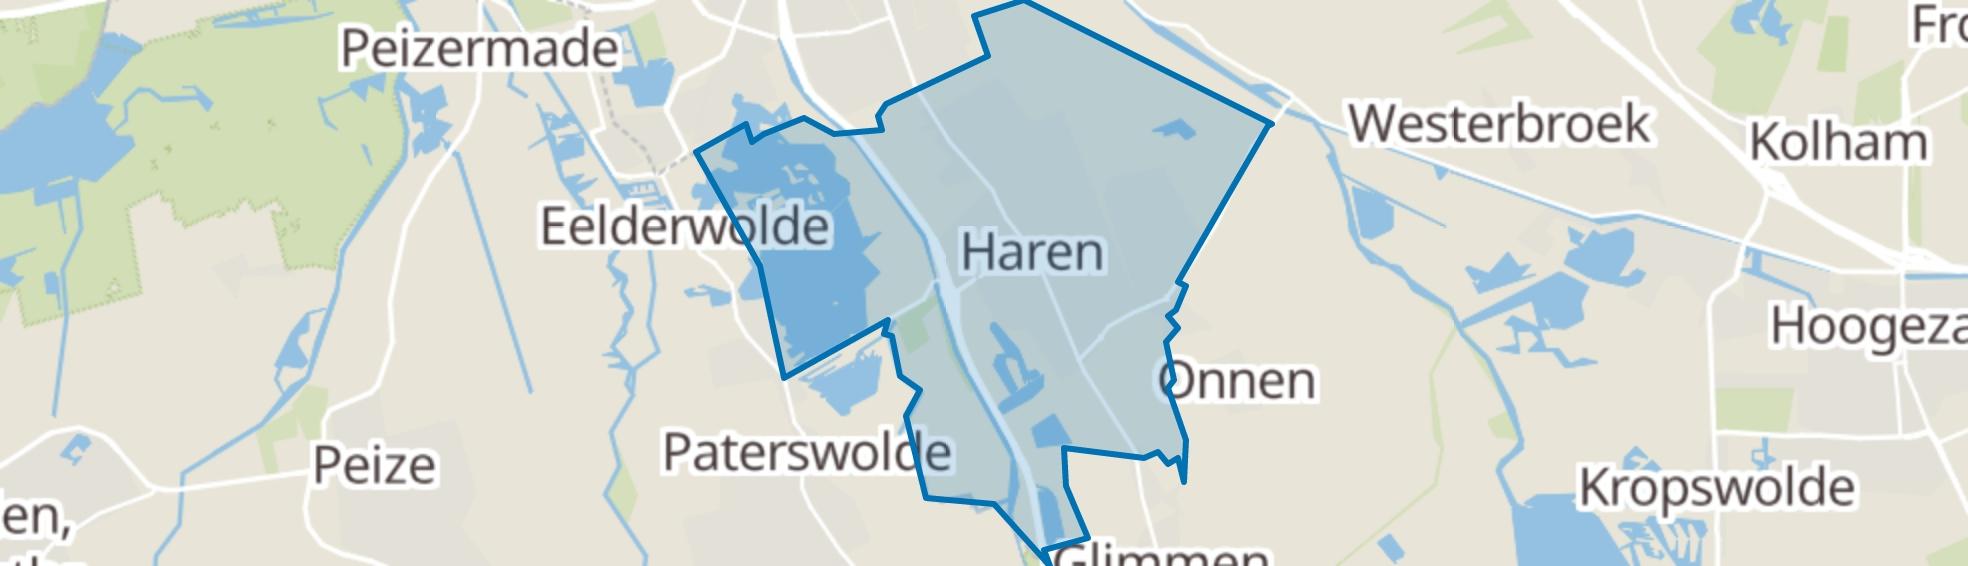 Haren (GR) map